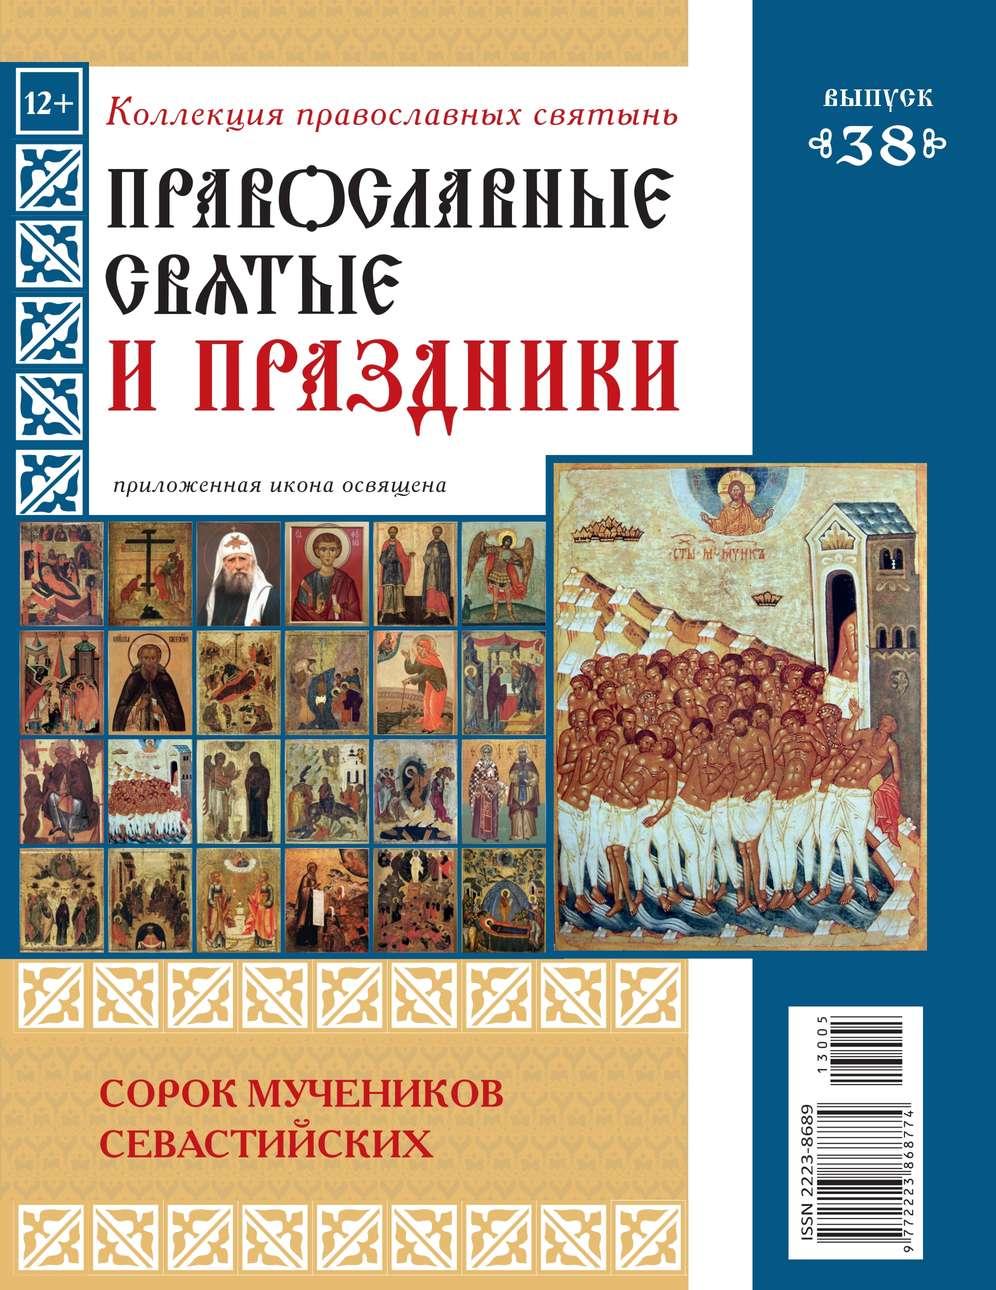 Редакция журнала Коллекция Православных Святынь Коллекция Православных Святынь 38